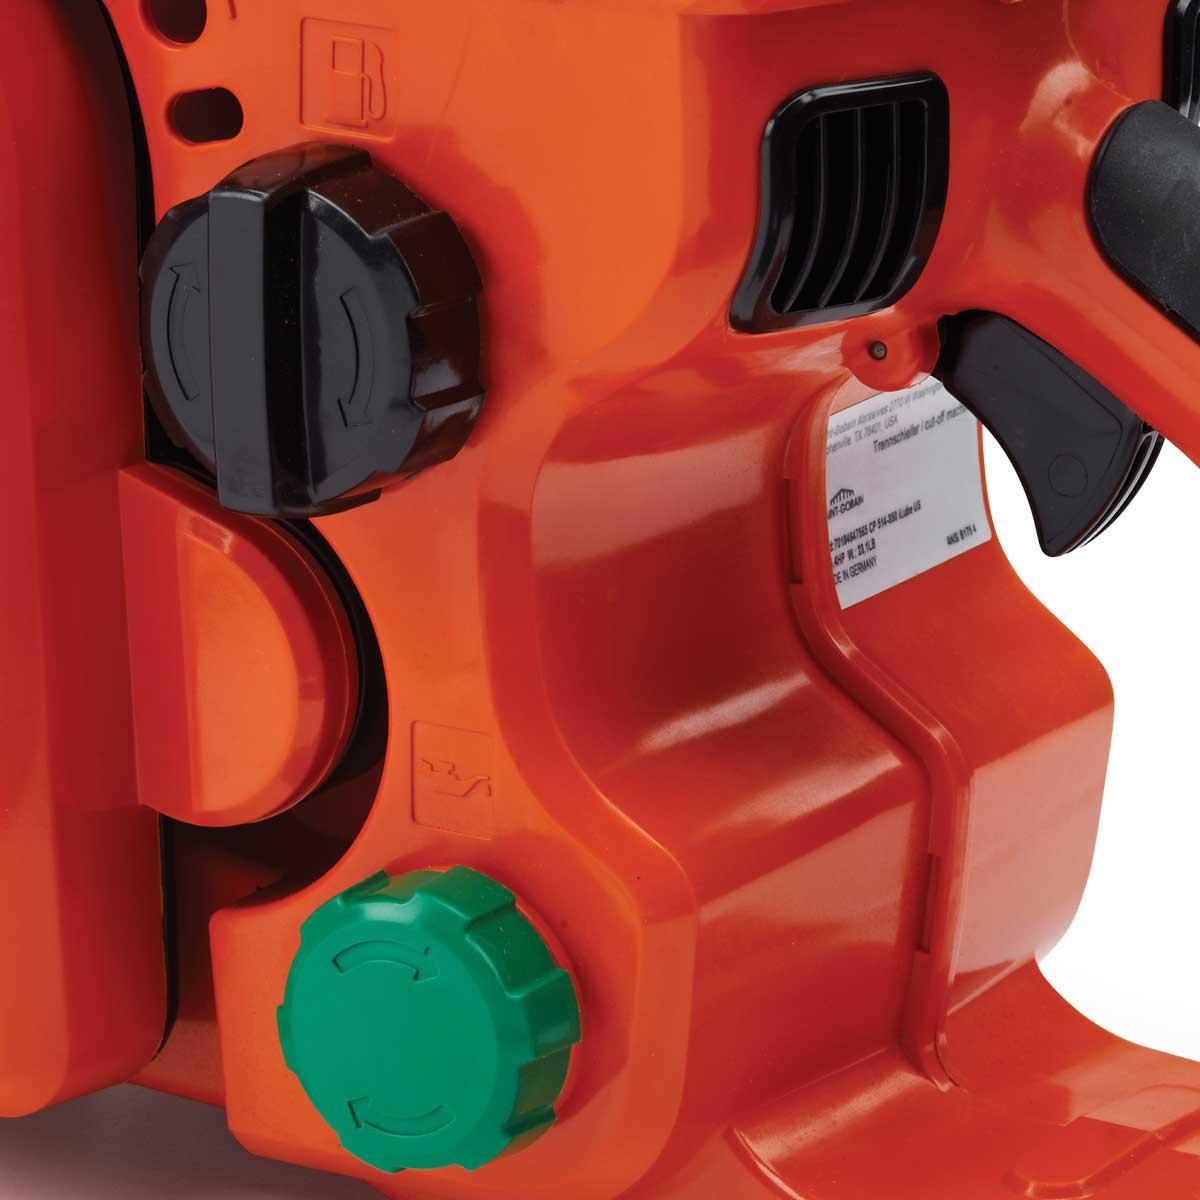 Norton Clipper power cutter